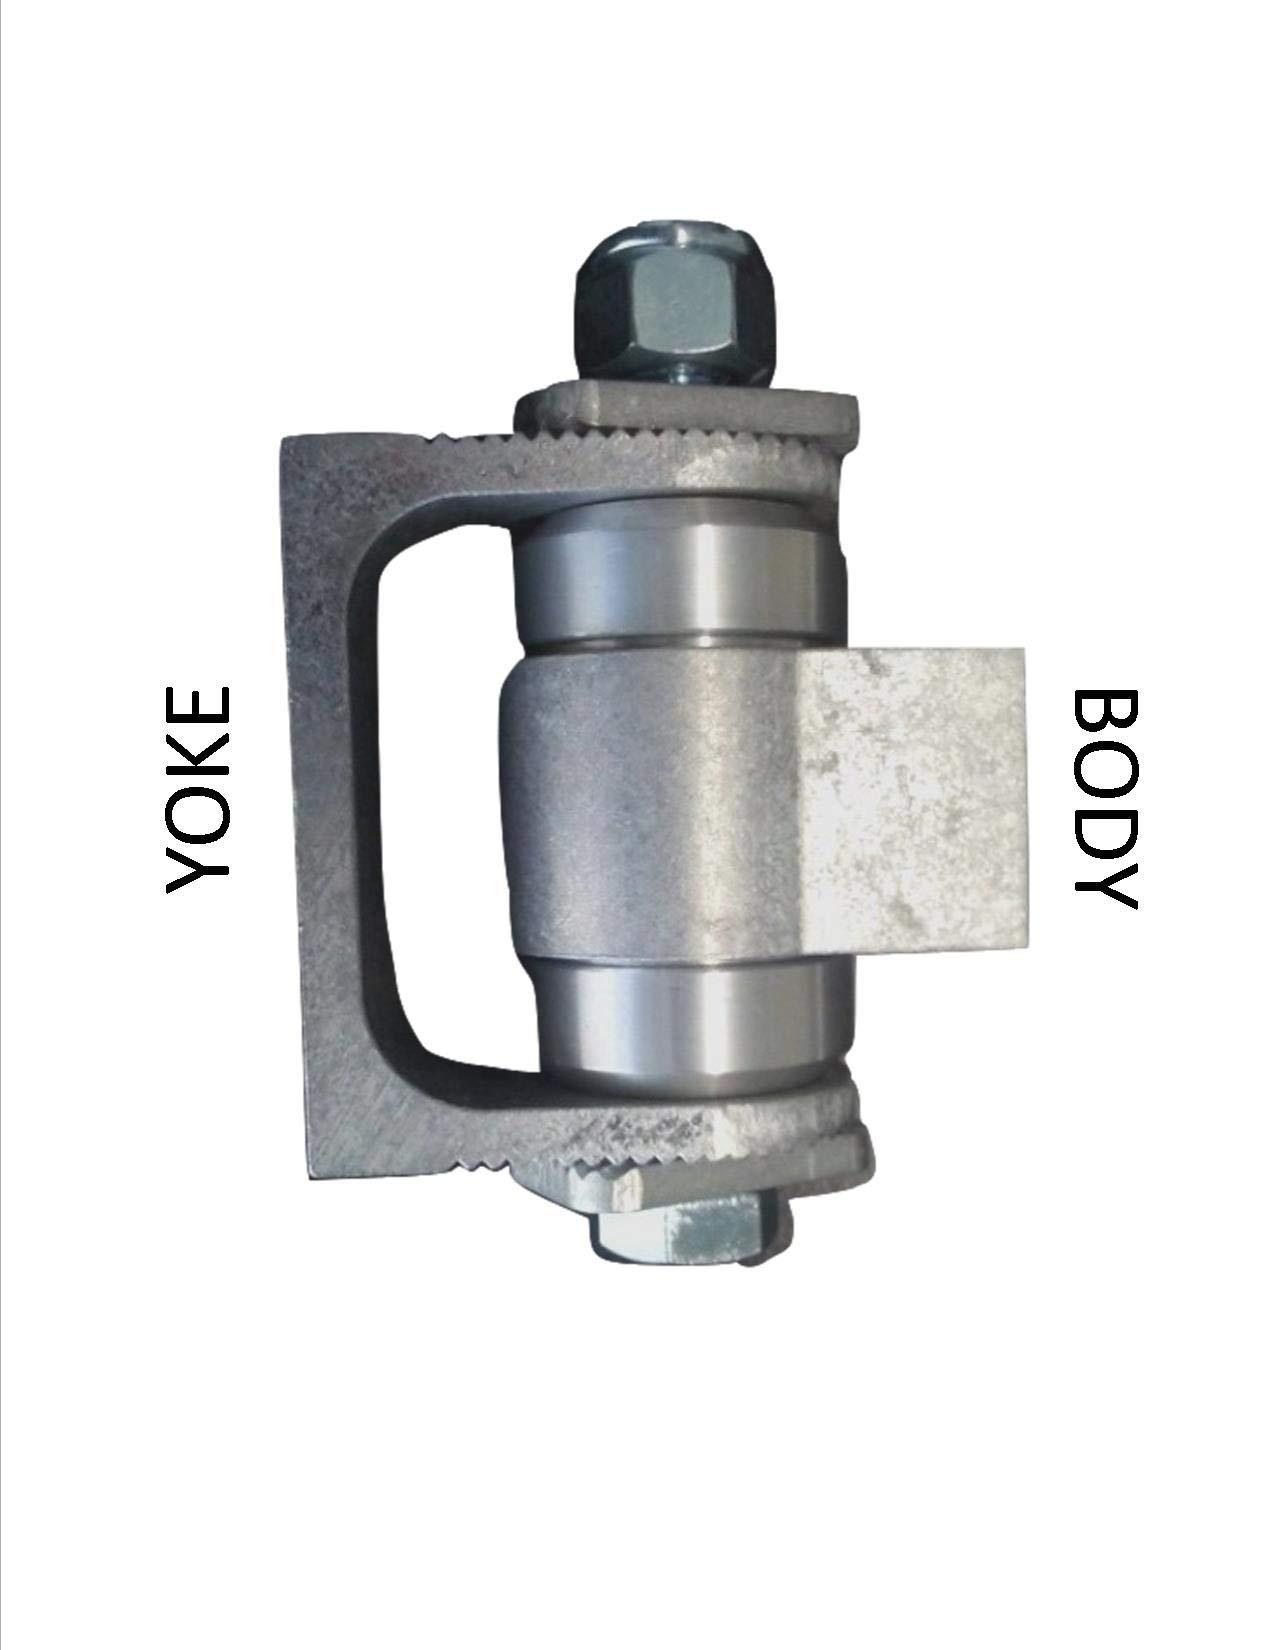 Pair of Adjustable Heavy Duty Hinges, Weld-on - Unpainted (Aluminum Body/Steel Yoke)